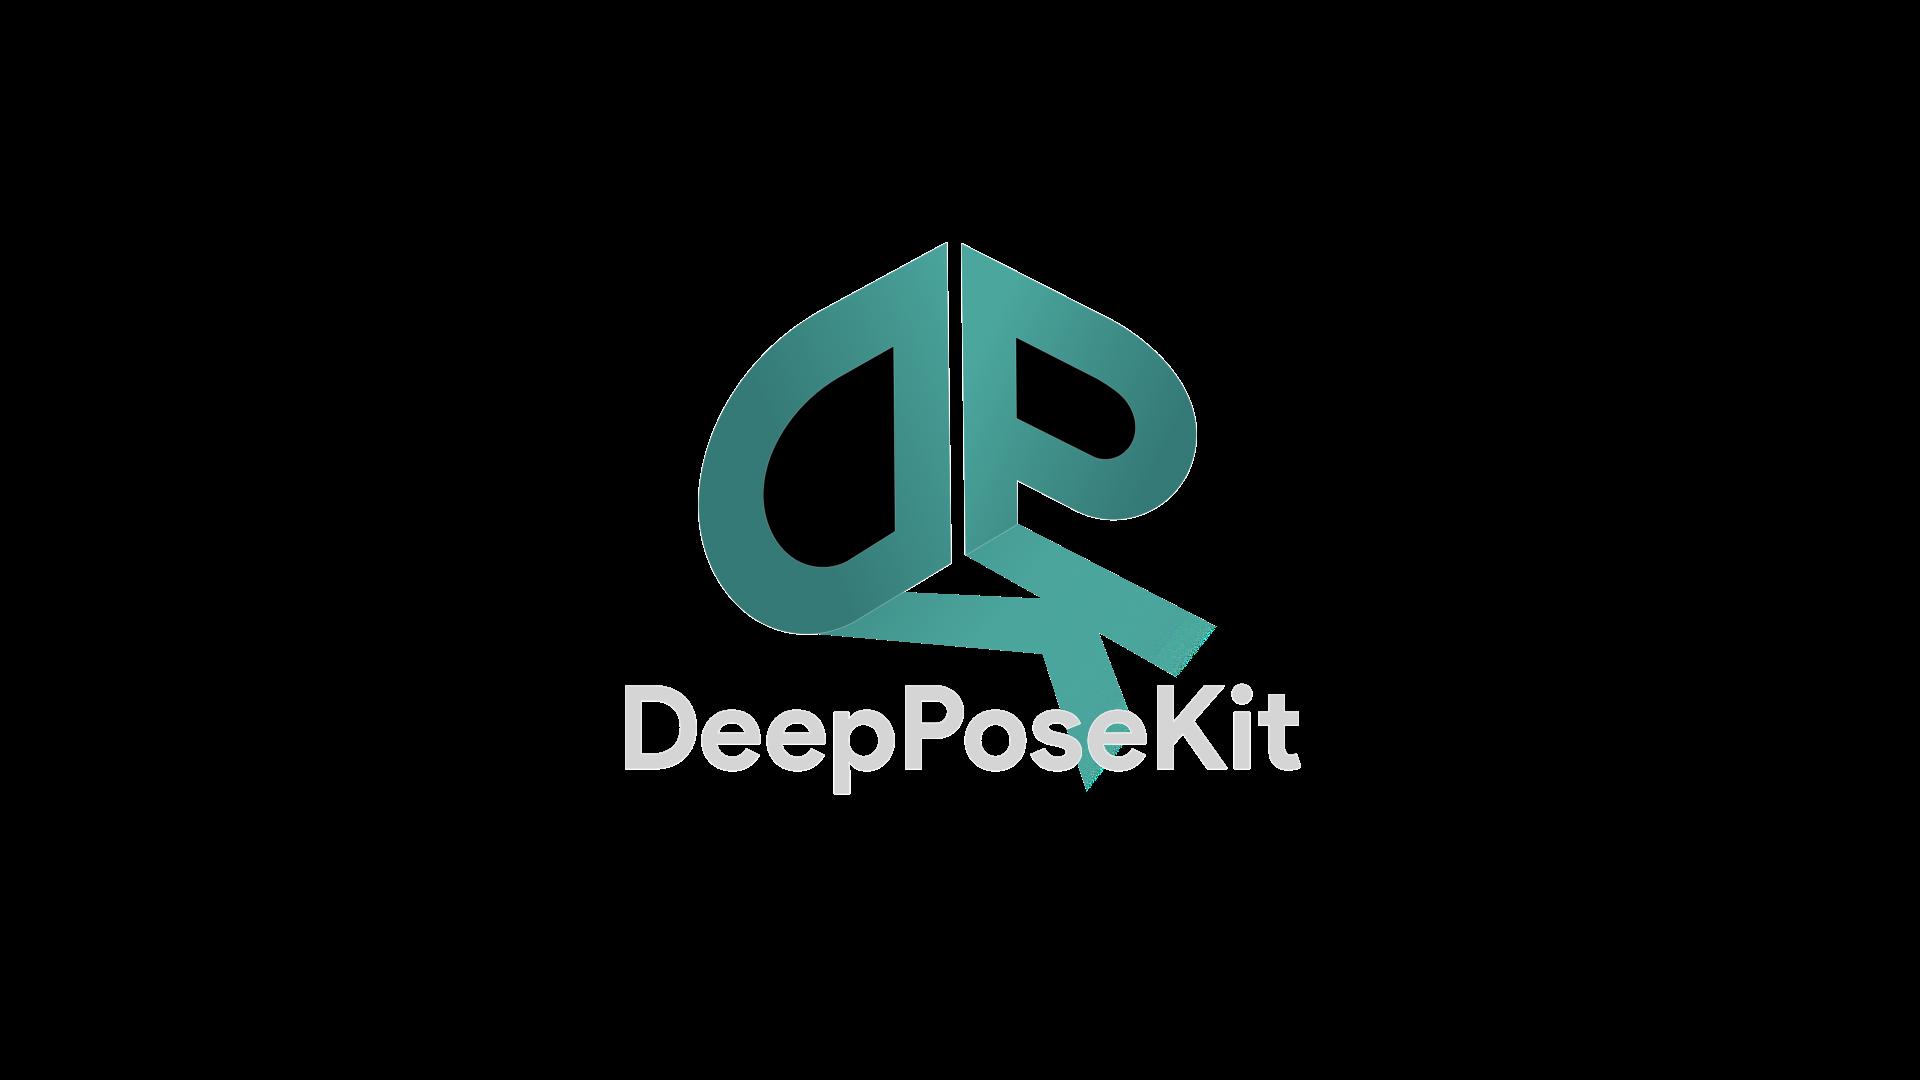 DeepPoseKit